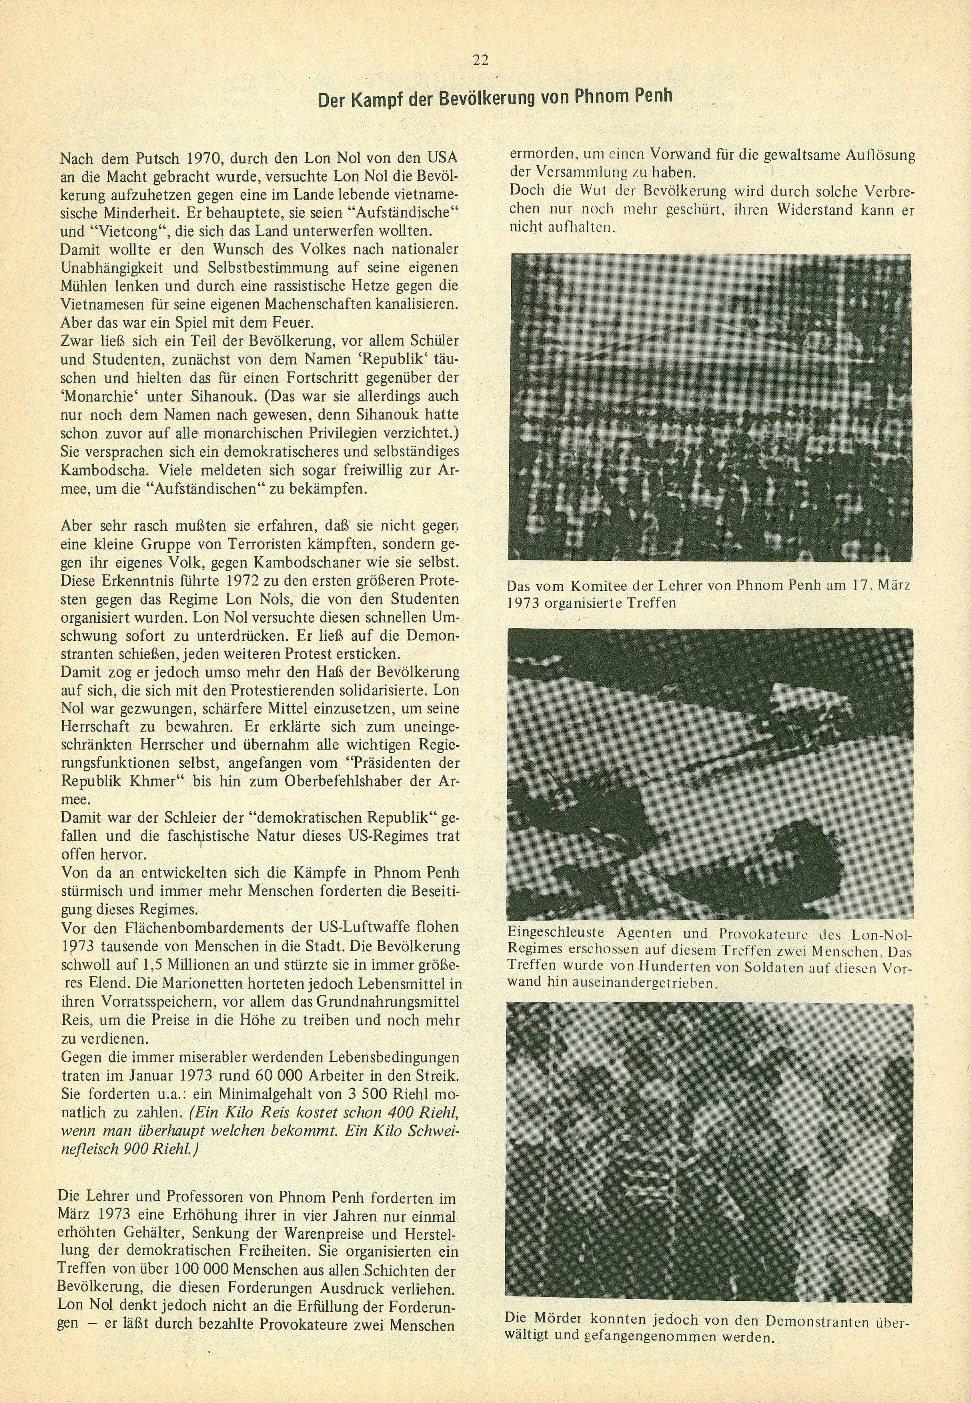 Kambodscha_1974_Das_Volk_besiegt_den_Imperialismus022